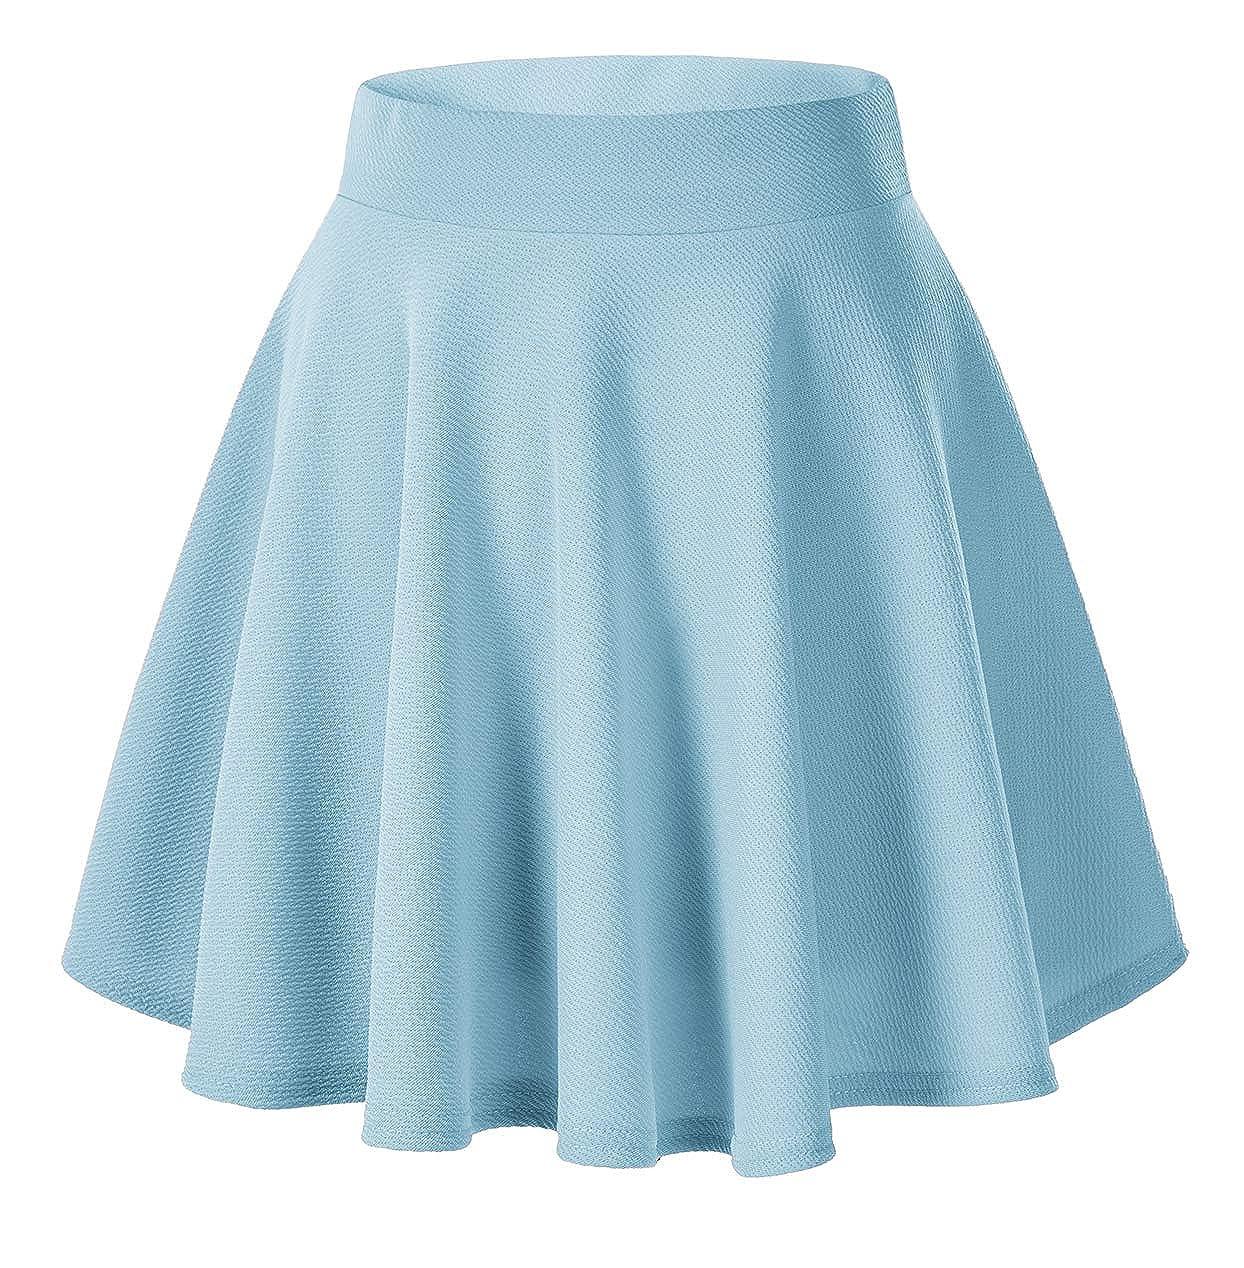 d828da9a1 Urban GoCo Falda Mujer Elástica Plisada Básica Patinador Multifuncional  Corto Falda